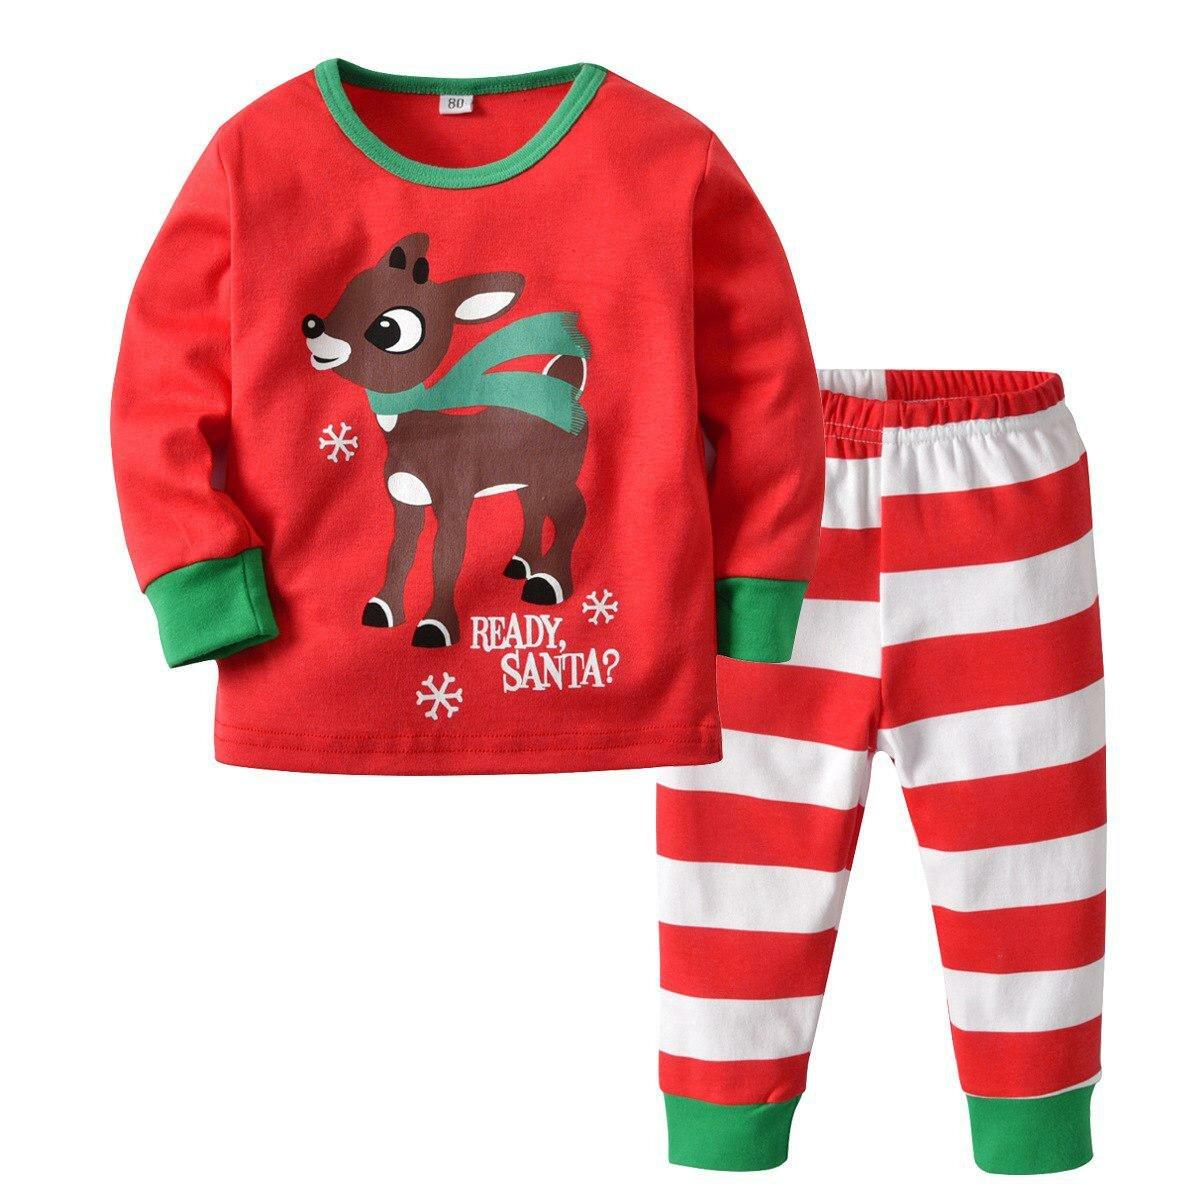 Рождественские детские пижамы набор мультфильм с принтом оленя для мальчиков  и девочек новый год пижамы хлопок 5934f9697b07a